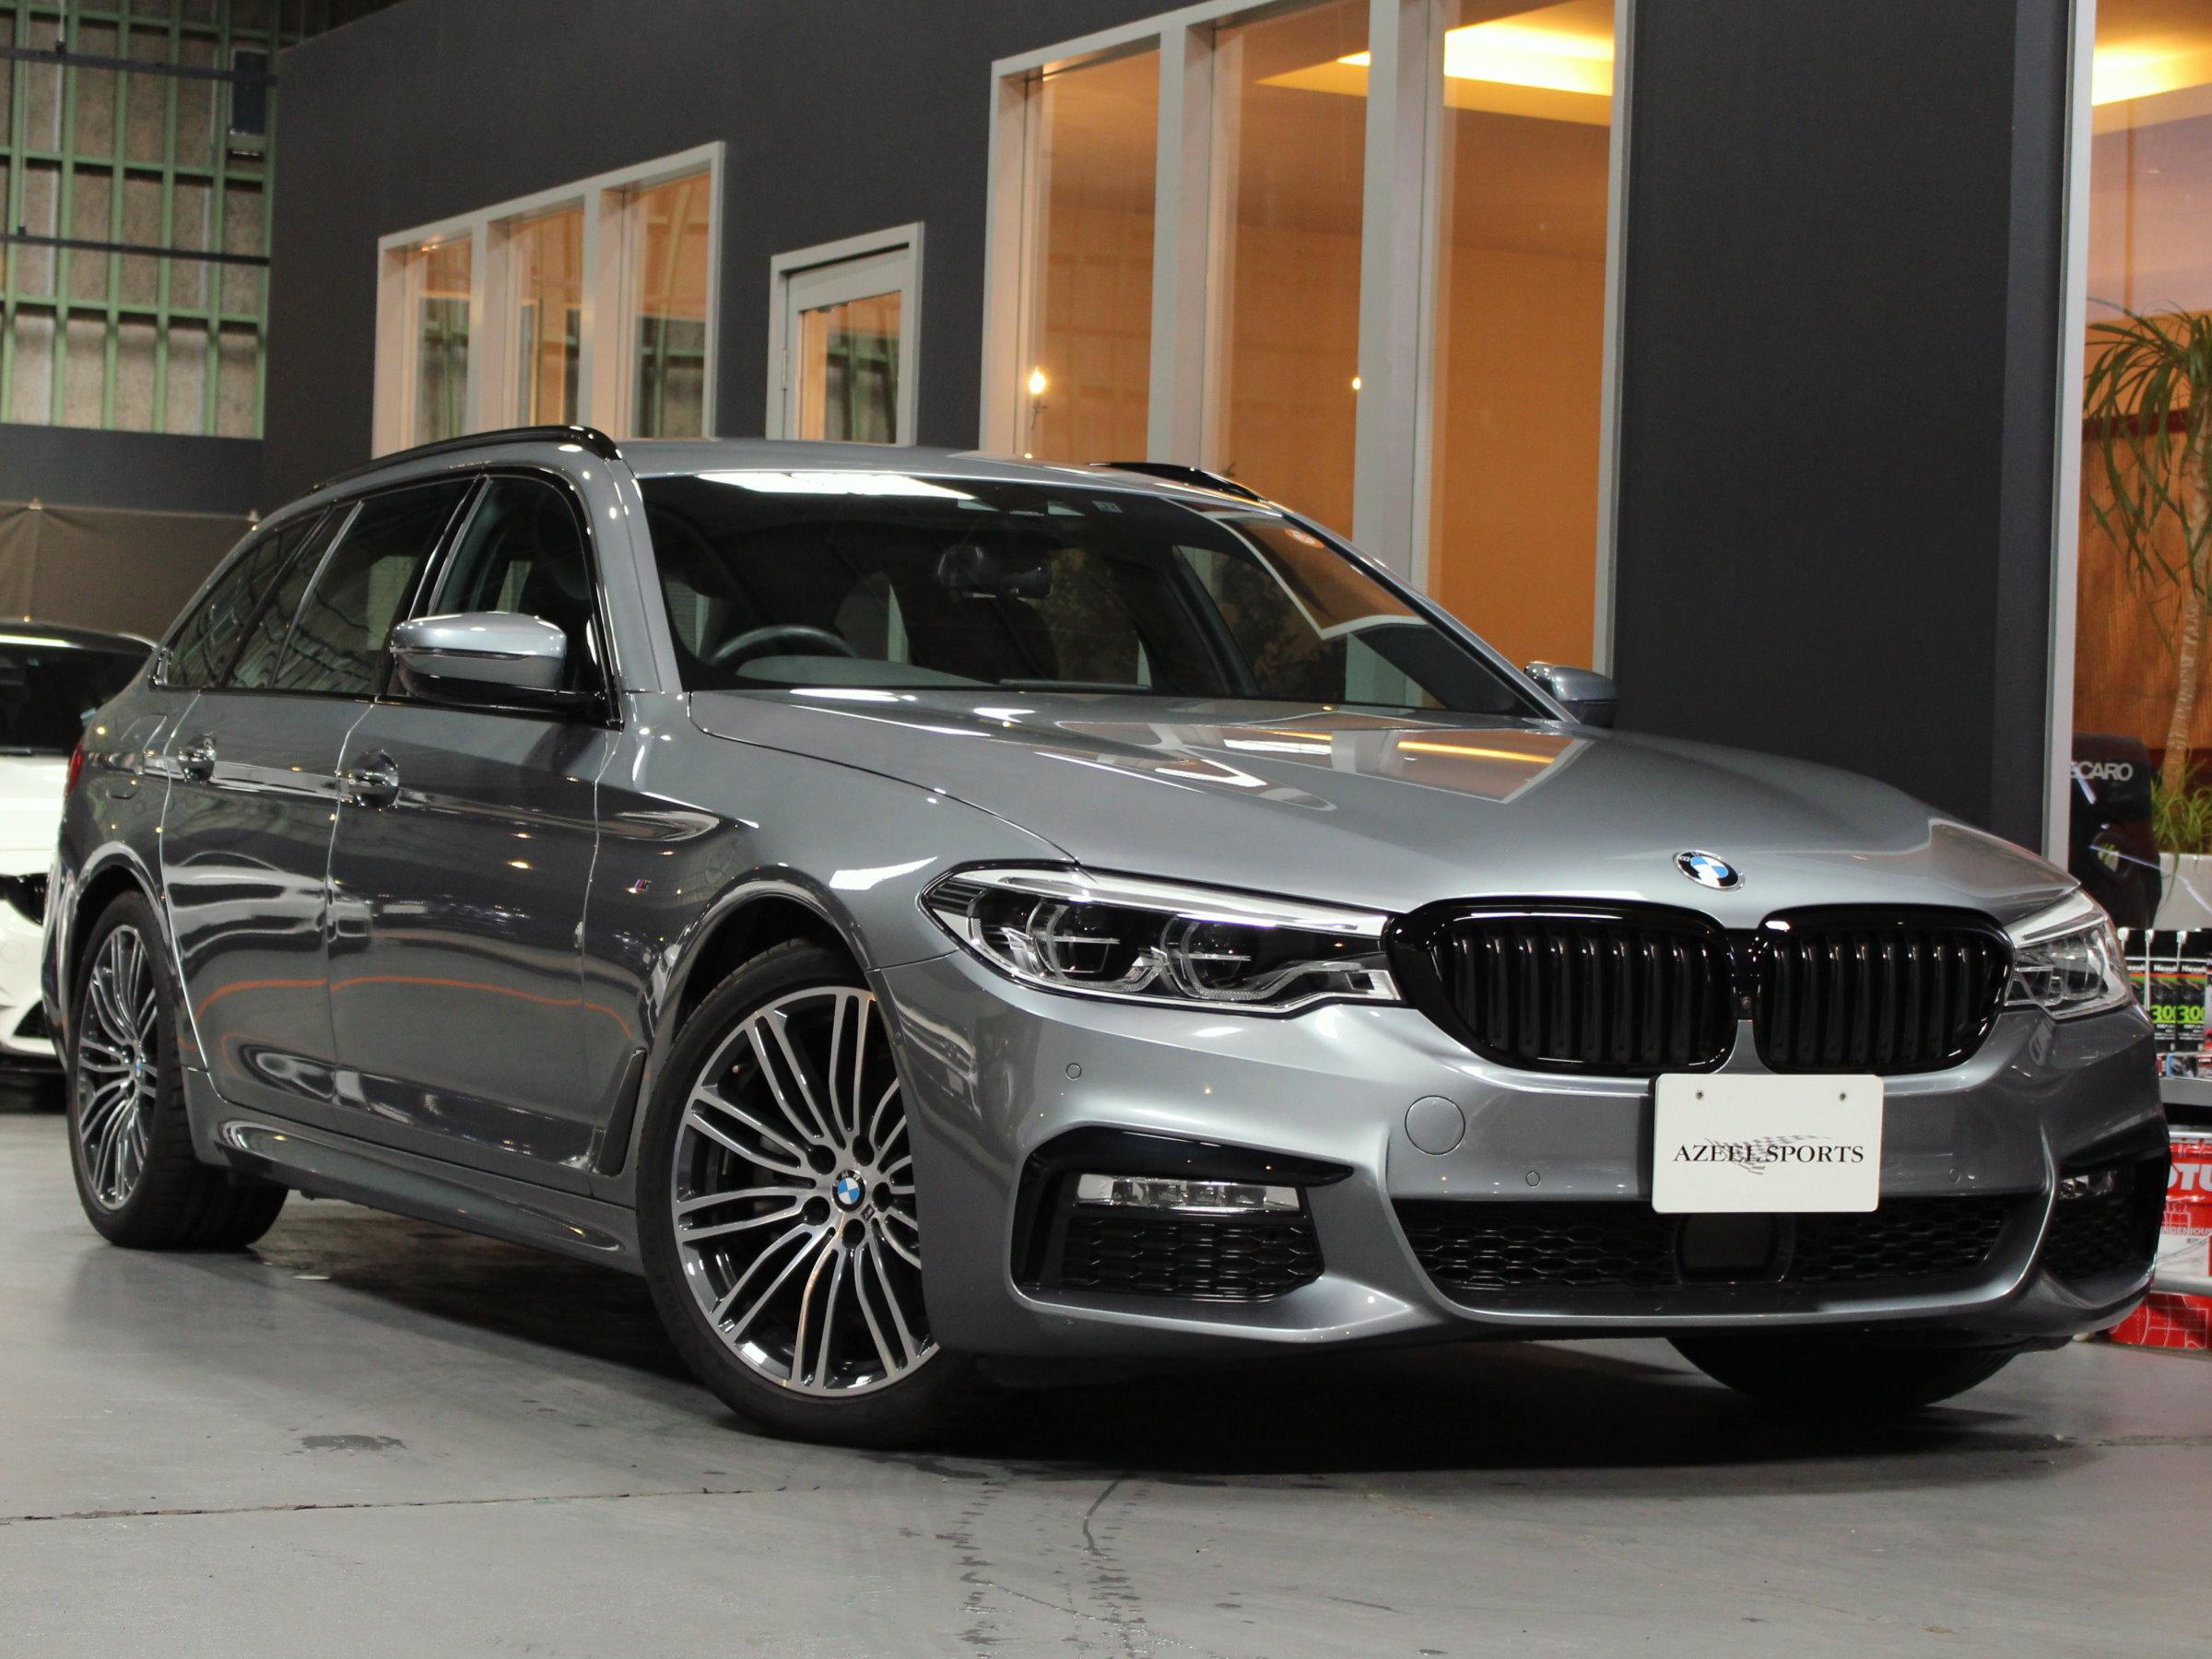 BMW 523ⅰツーリング Mスポーツ ハイラインパッケージ